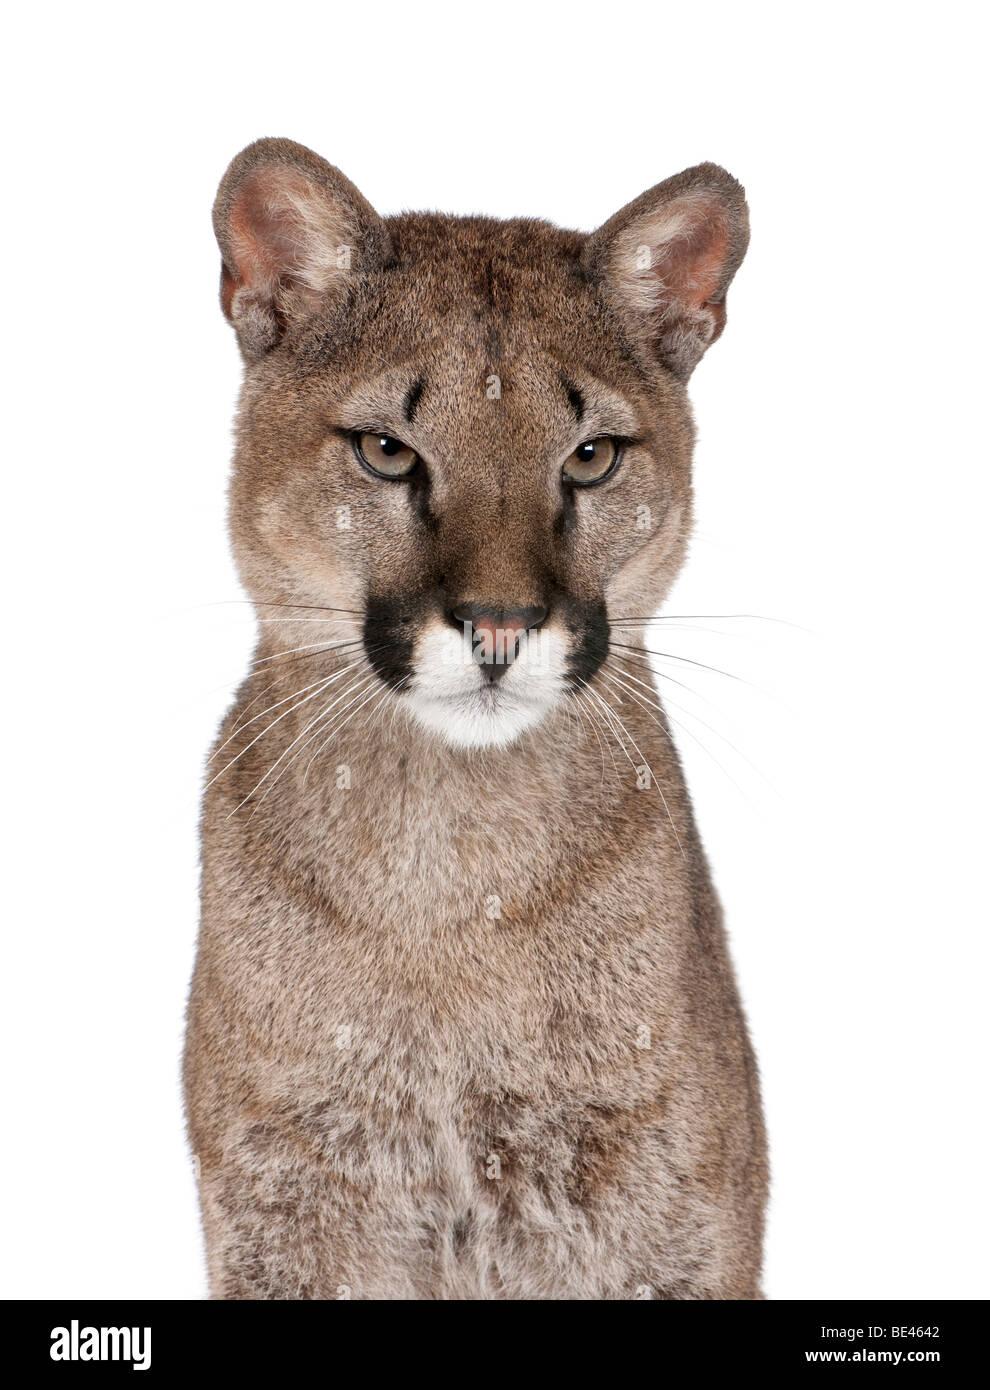 Porträt von Puma Cub, Puma Concolor, 1 Jahr alt, vor weißem Hintergrund Studio gedreht Stockbild